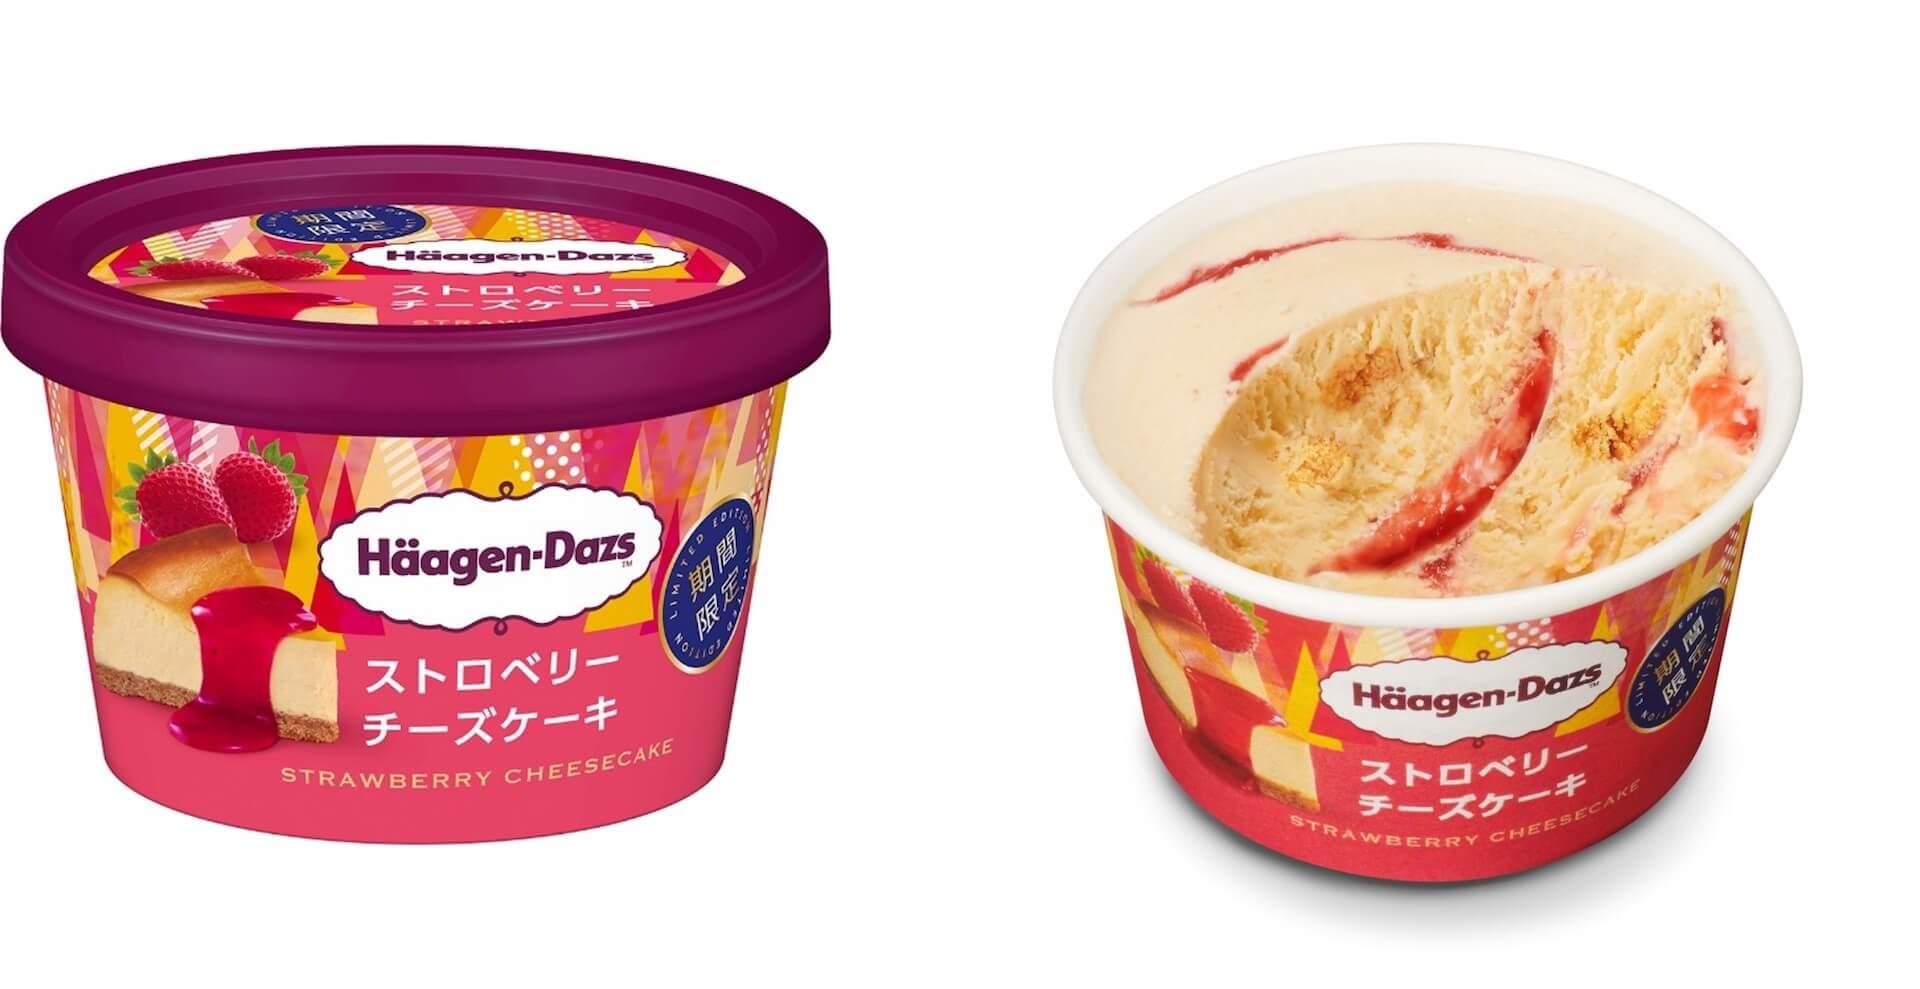 ハーゲンダッツの新フレーバー『ストロベリーチーズケーキ』が期間限定で登場!Twitterでアイスクリーム詰め合わせがもらえるキャンペーンも gourmet210125_haagendazs_4